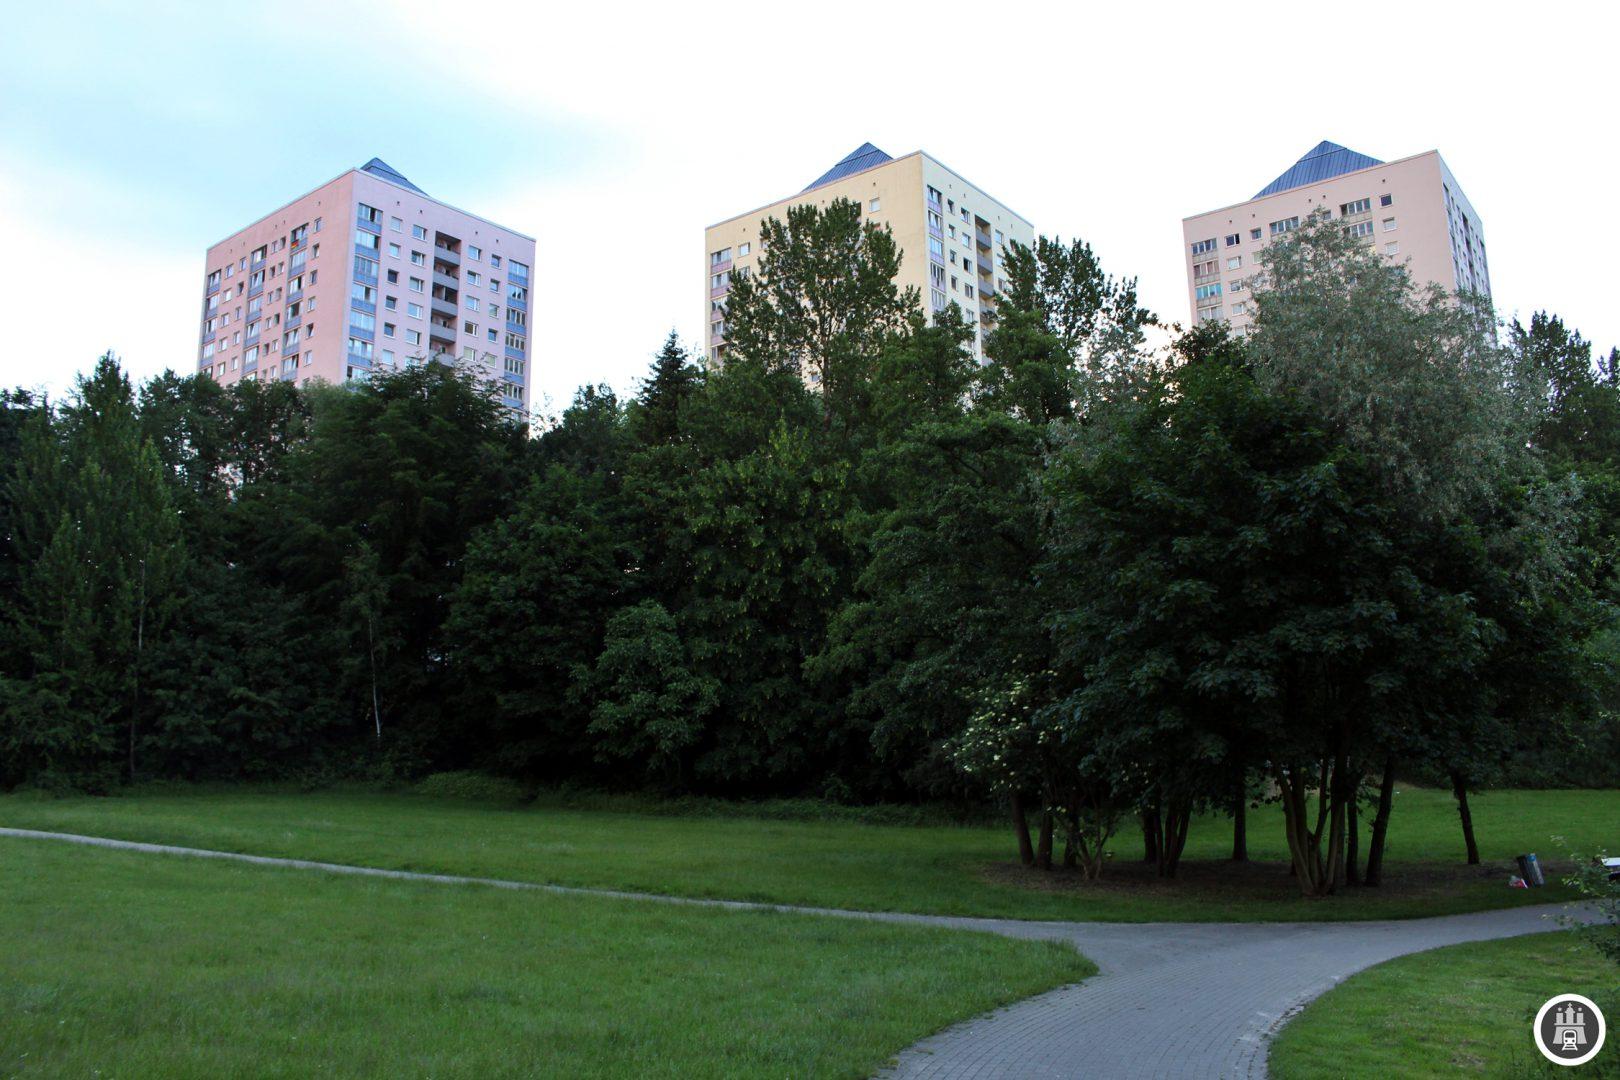 """Als Lohbrügge in den 1960er Jahren zur Großwohnsiedlung umgebaut wurde, wollten die Stadtplaner reine """"Betonwüsten"""" verhindern und schufen deshalb das grüne Zentrum. Die Grünanlage ist etwa 14 Hektar groß, für den Freizeitwert sorgt eine Minigolfanlage."""